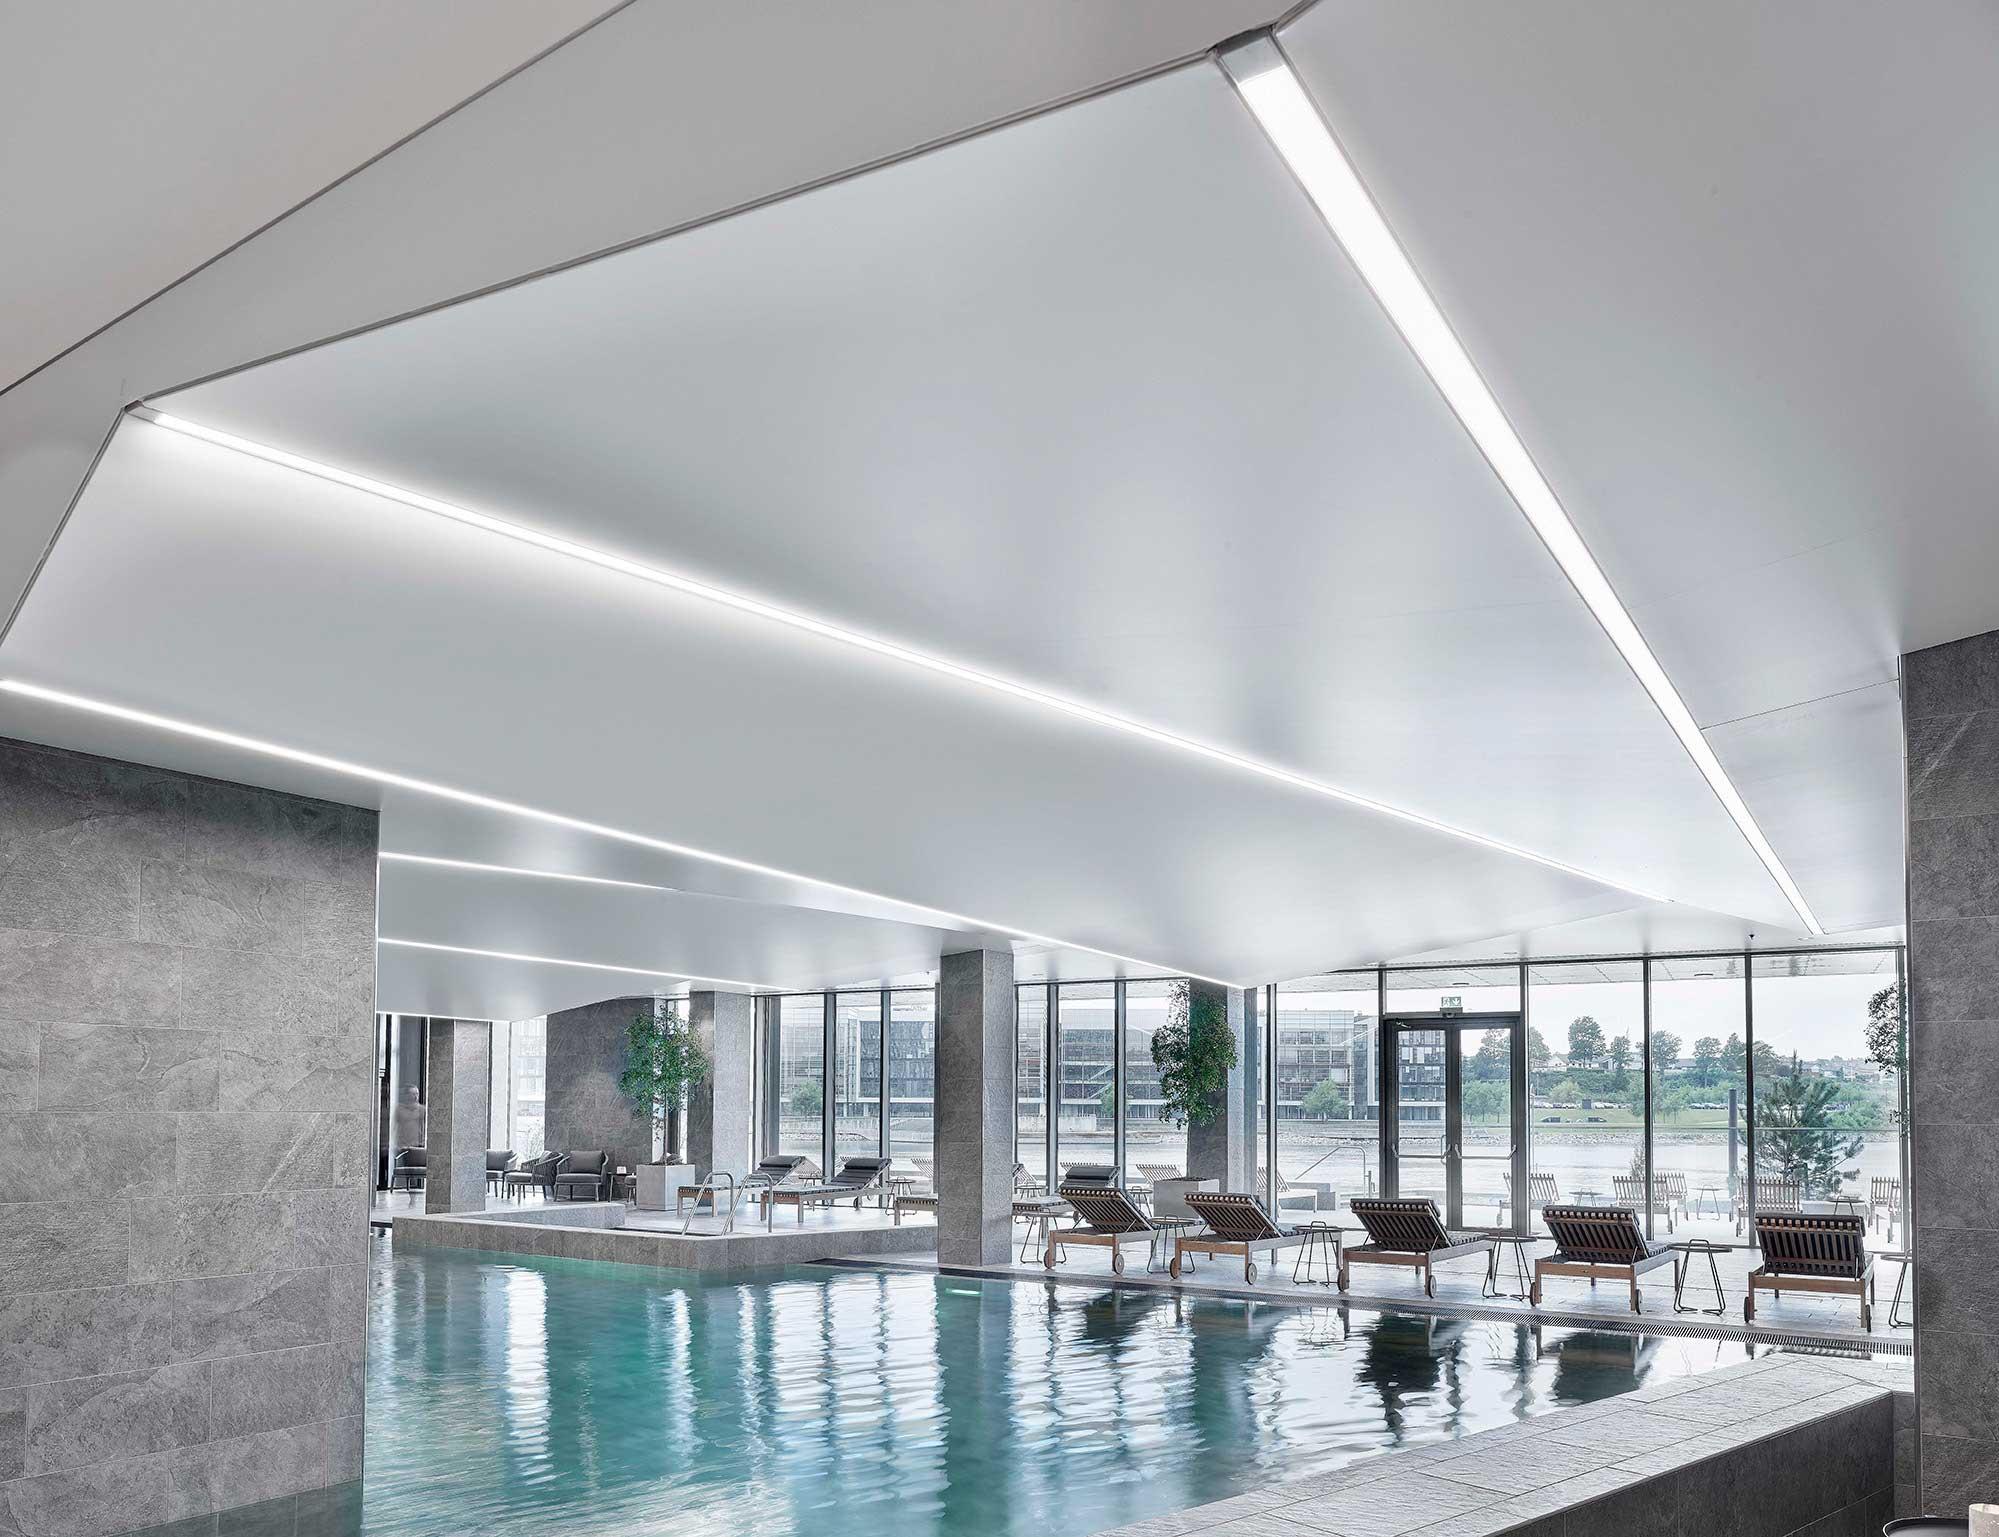 Hotel Alsik i Sønderborg Indbygget i loft integreret LED lys bånd i spa afdelingen